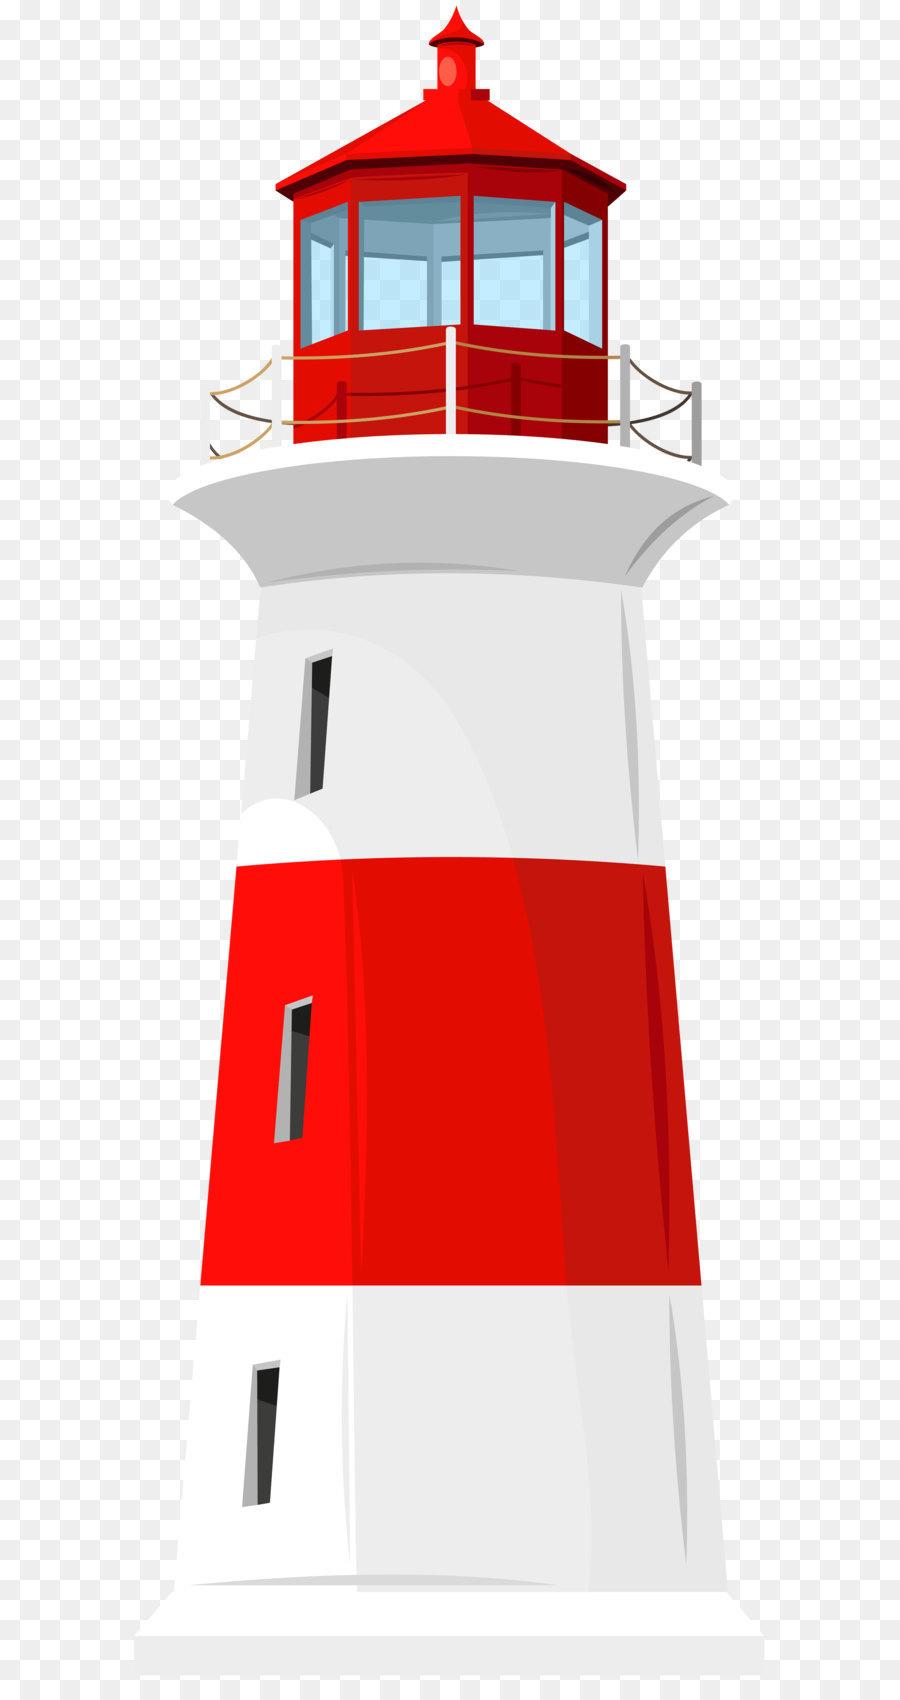 Impressive sumptuous design ideas. Lighthouse clipart